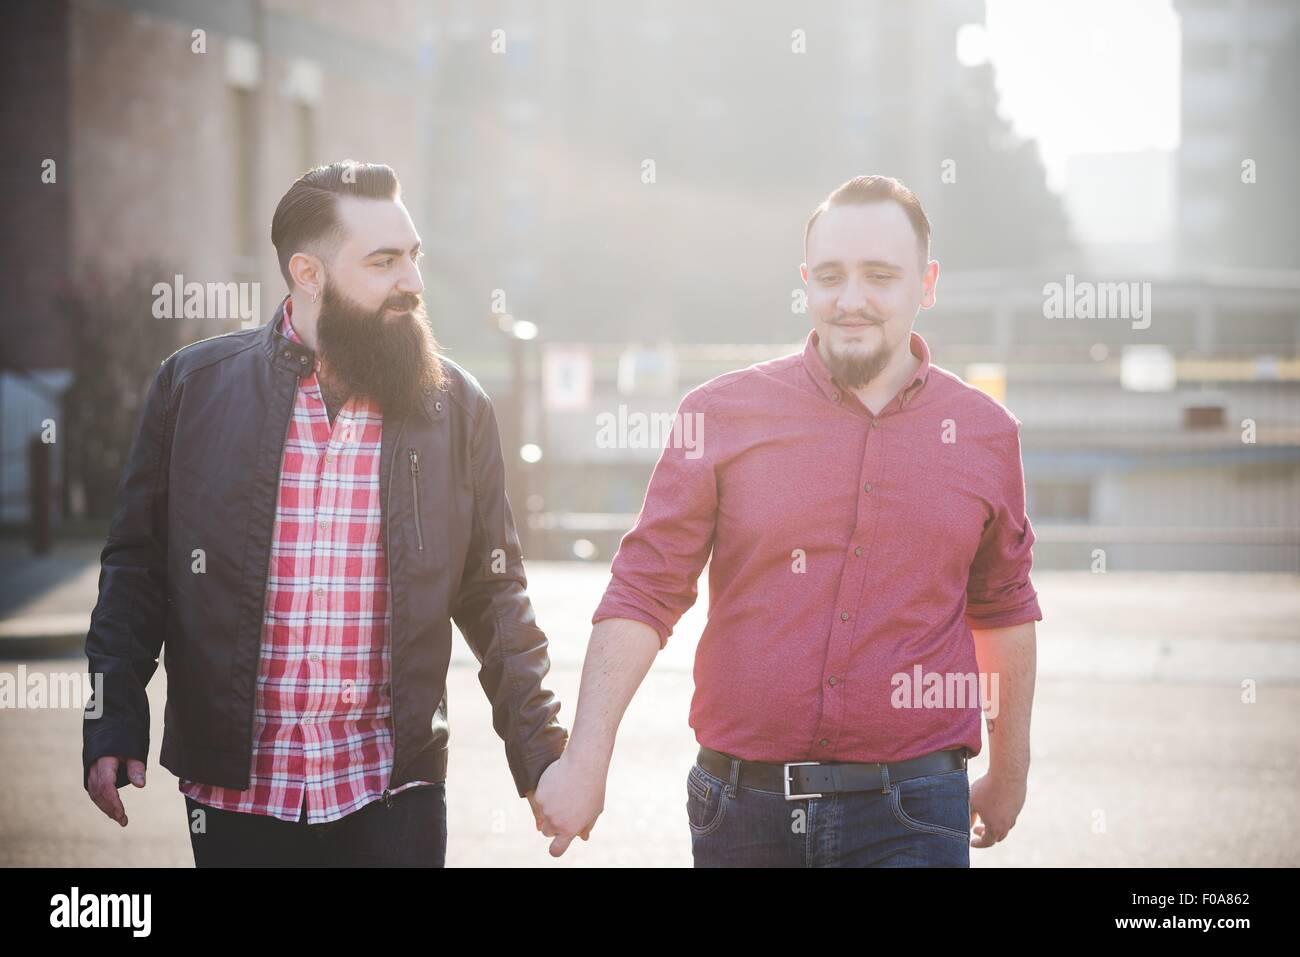 Gay Male Imágenes De Stock & Gay Male Fotos De Stock - Alamy